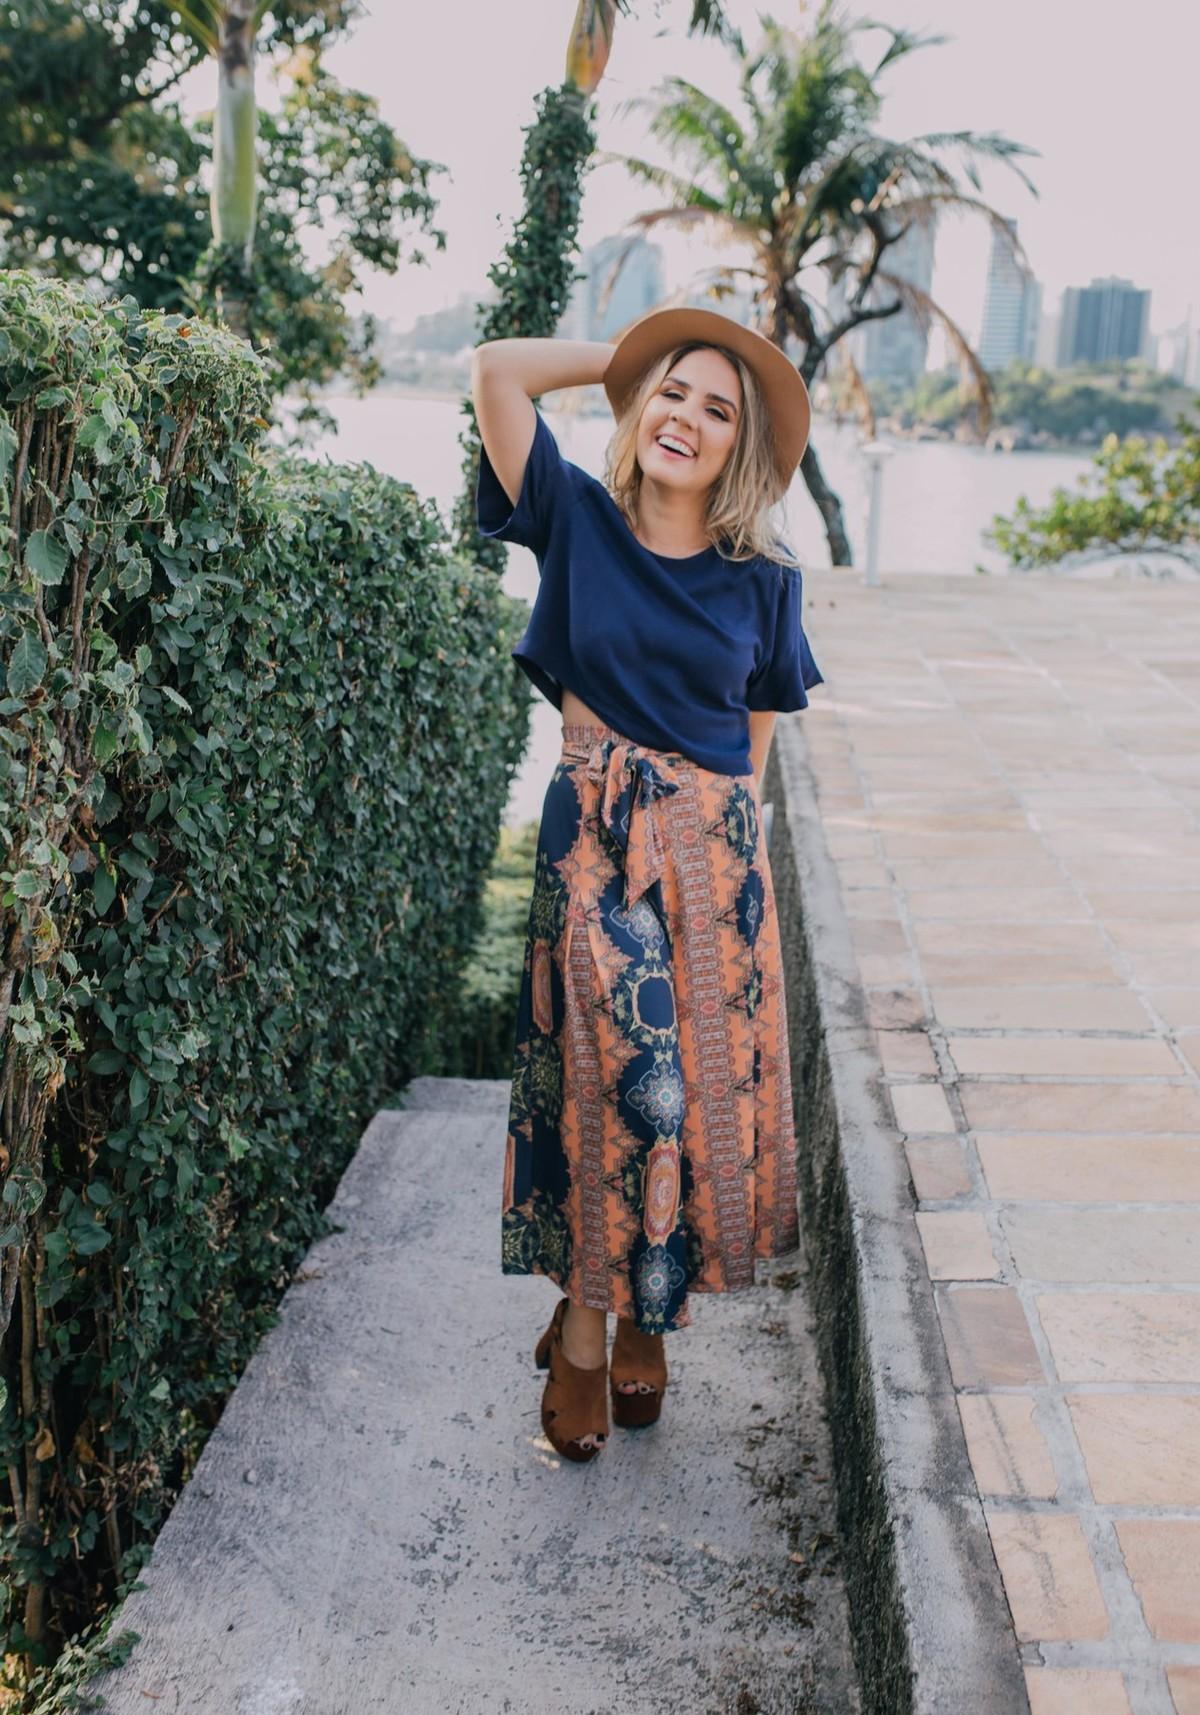 Editorial Sgaria moda capixaba polo moda gloria instagram style boho ensaio casa inhoa vila velha